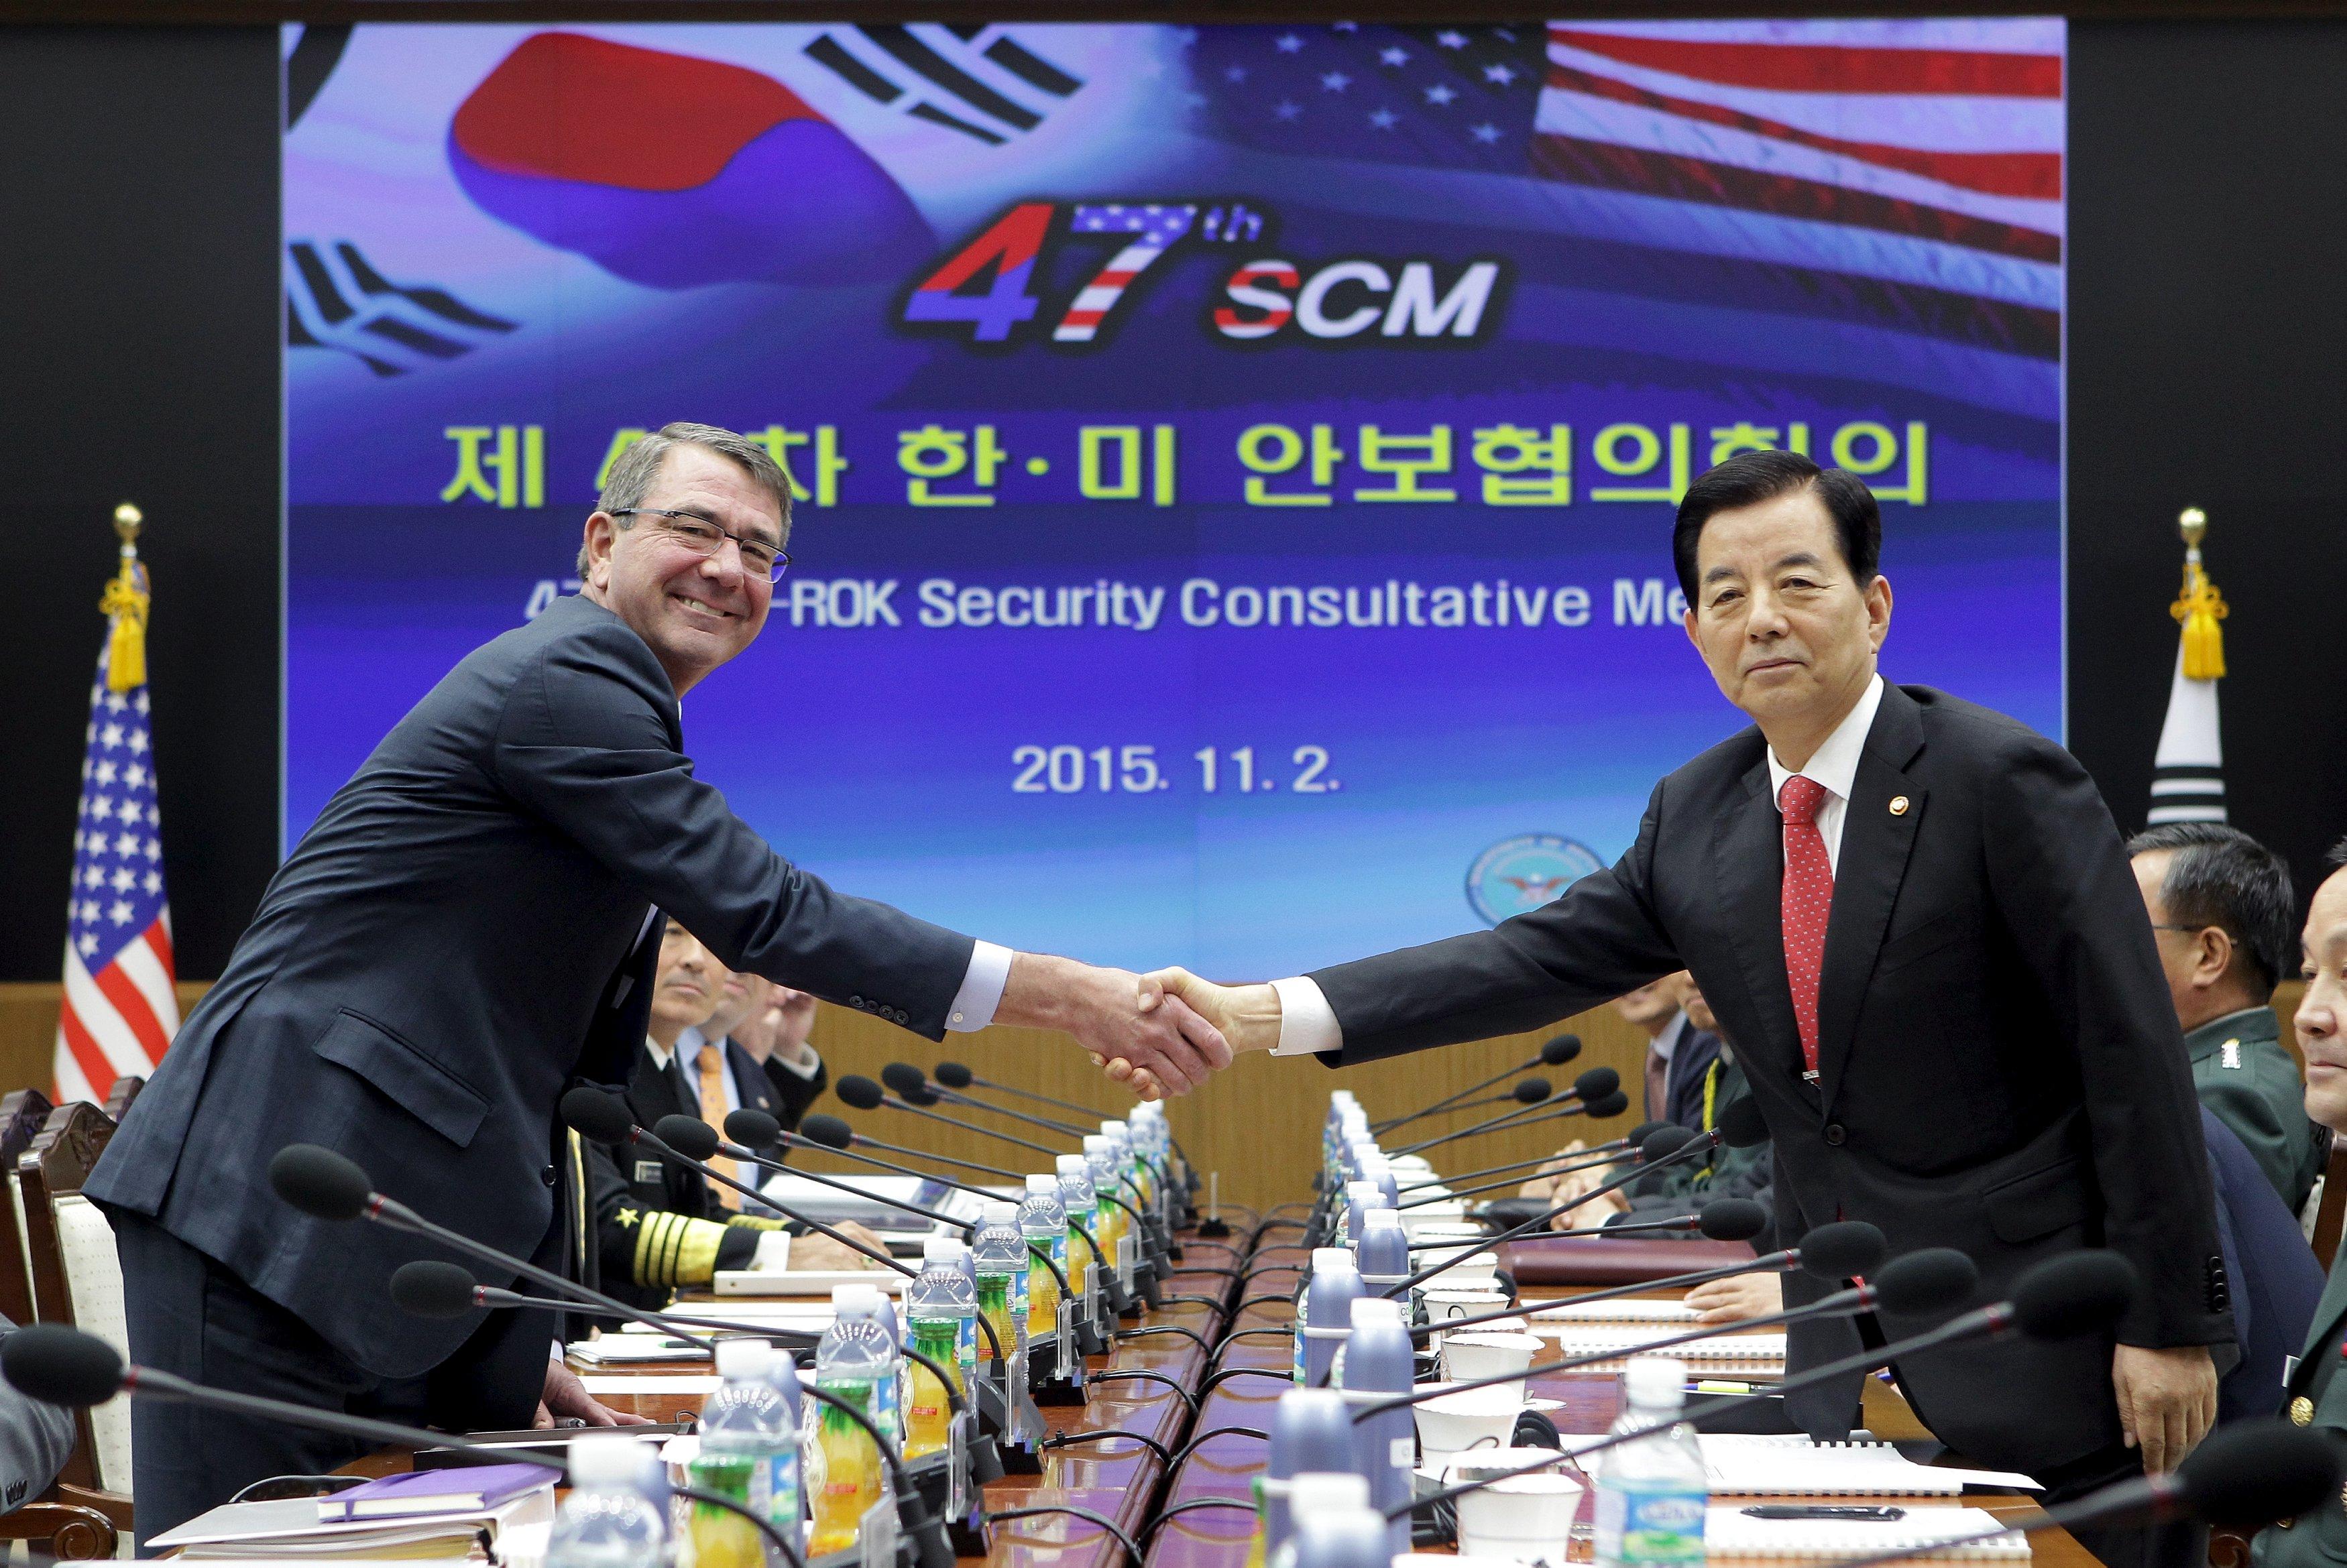 Menteri Pertahanan Ash Carter (kiri) bersalaman dengan Menteri Pertahanan Korea Selatan Han Min Koo (kanan) saat Security Consultatie Meeting (SCM) ke-47 di Kementerian Pertahanan di Seoul, Korea Selatan, Senin (02/11). REUTERS/Chung Sung-Jun/Pool.